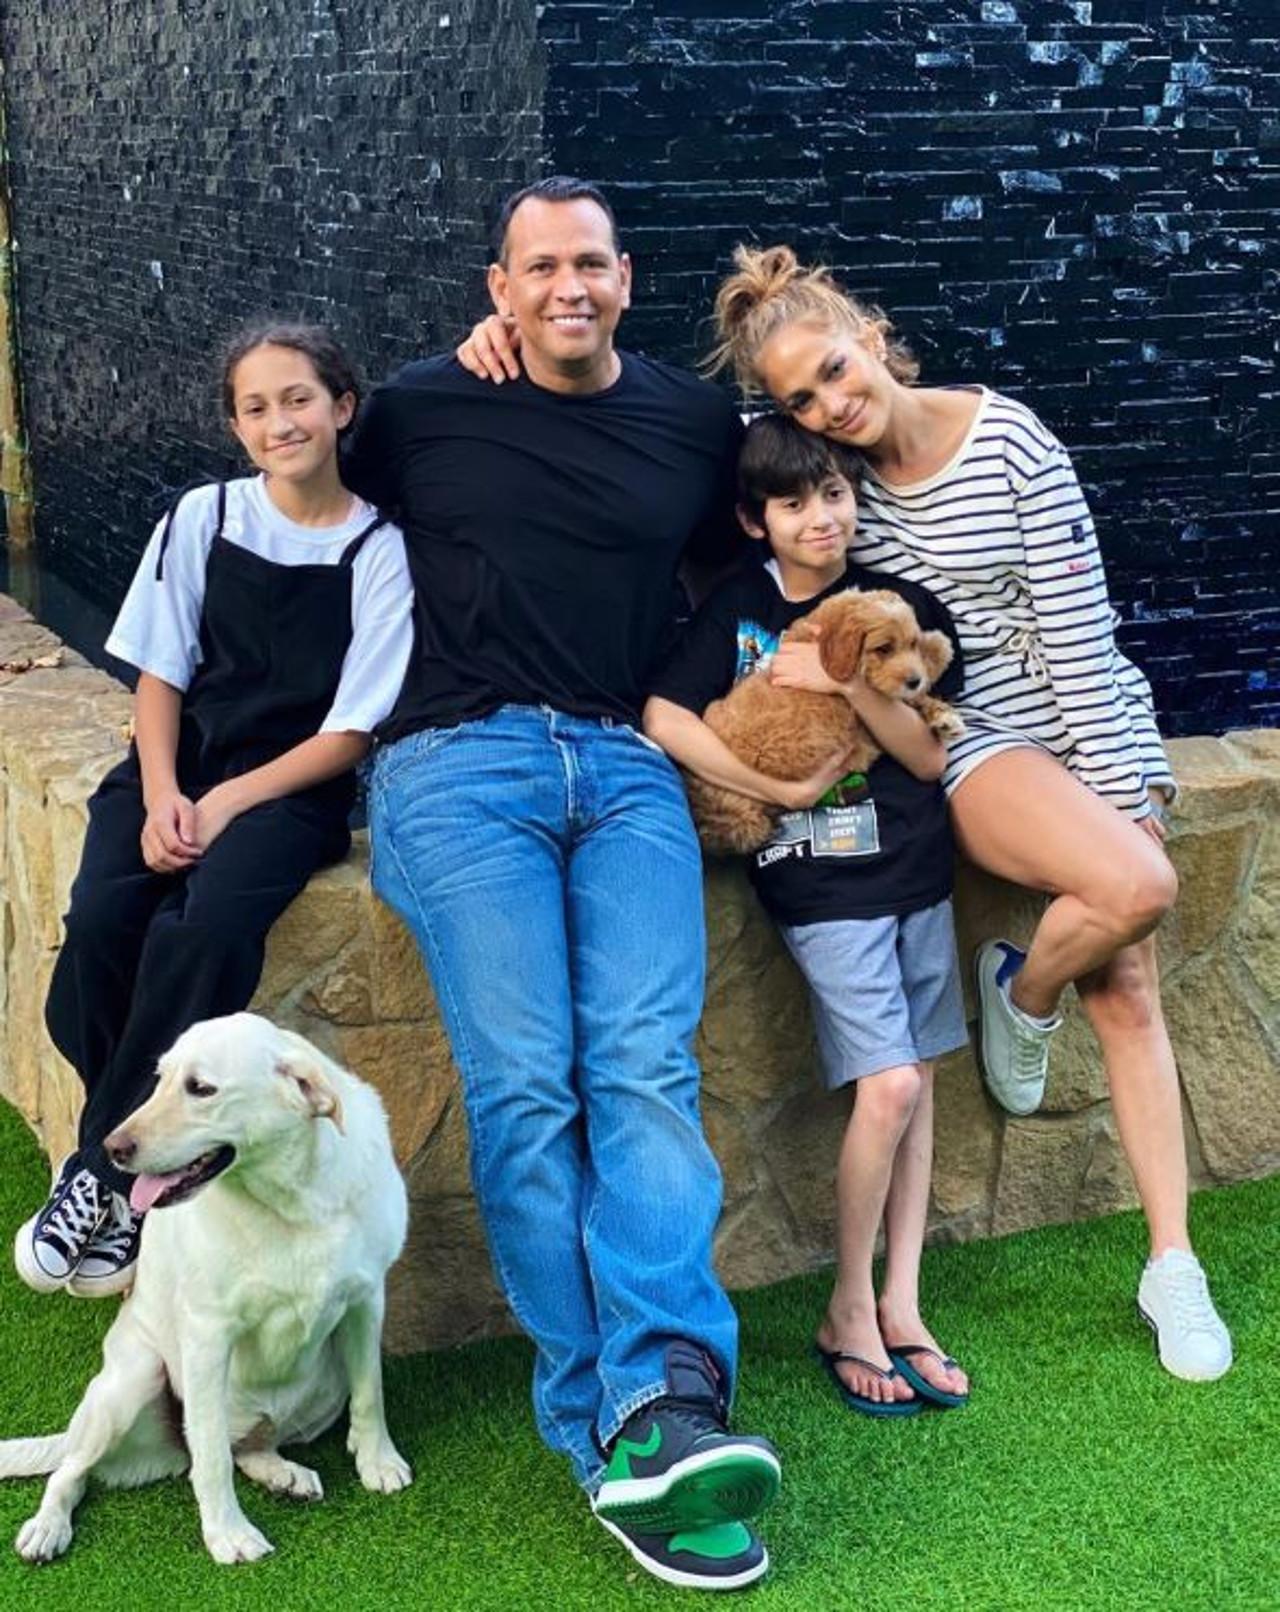 Jennifer Lopez z narzeczonym i dziećmi - rodzina jak z obrazka.